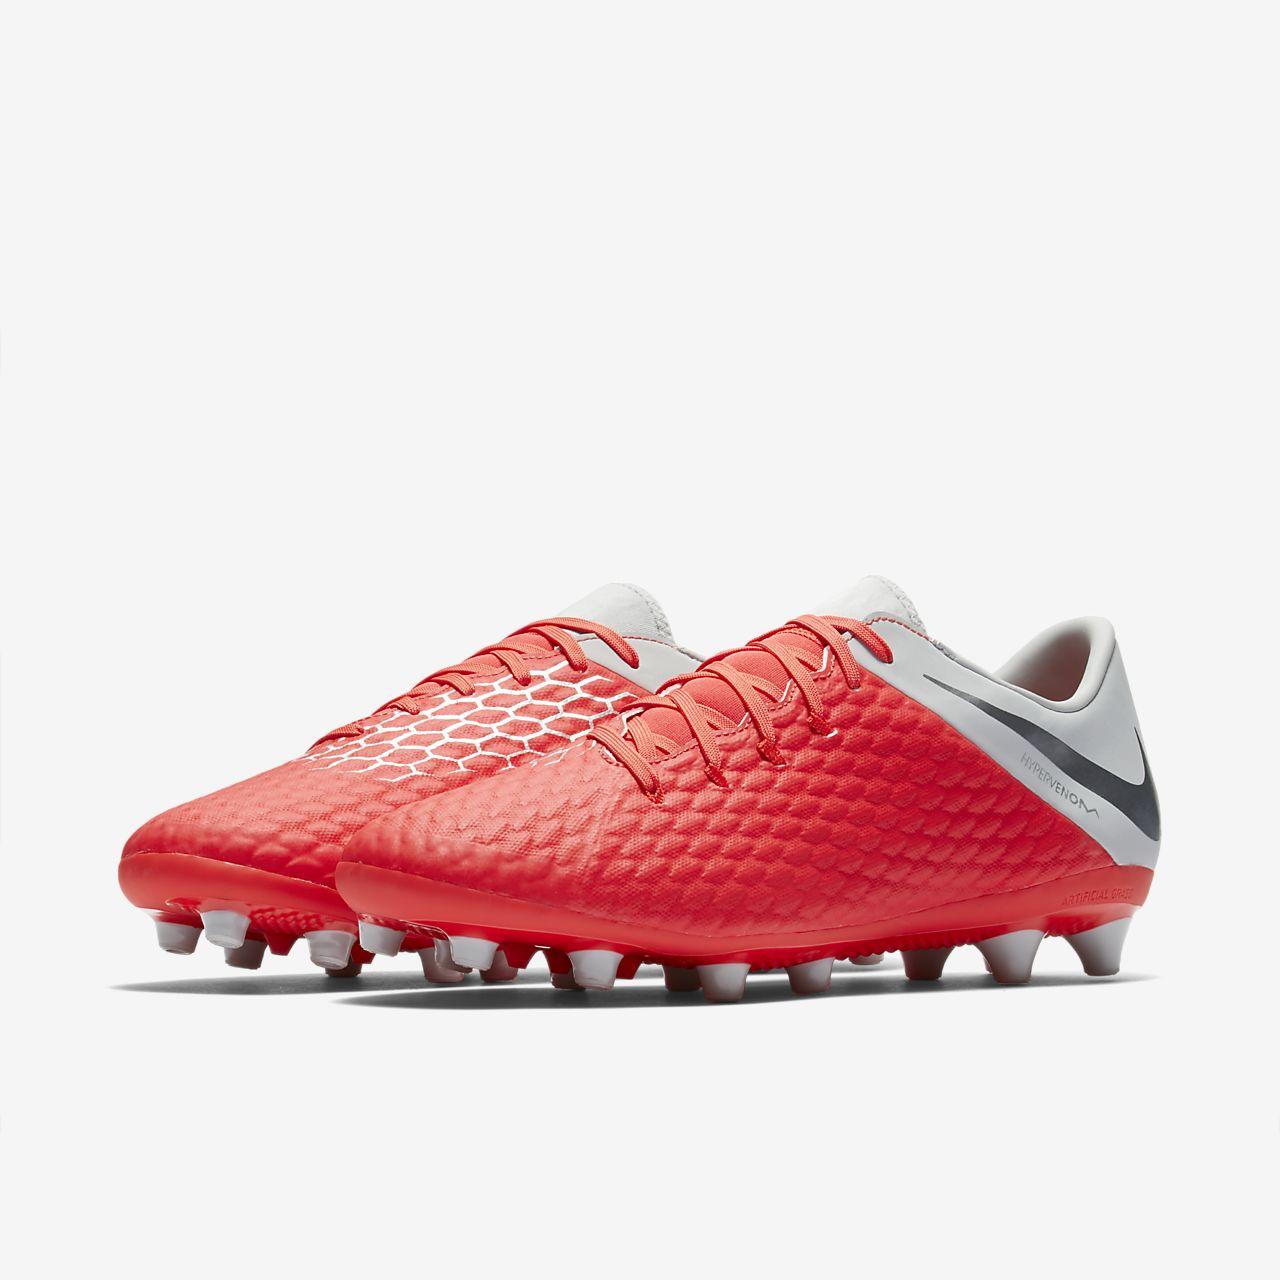 51a65095260 ... Calzado de fútbol para pasto artificial Nike Hypervenom III Academy  AG-PRO